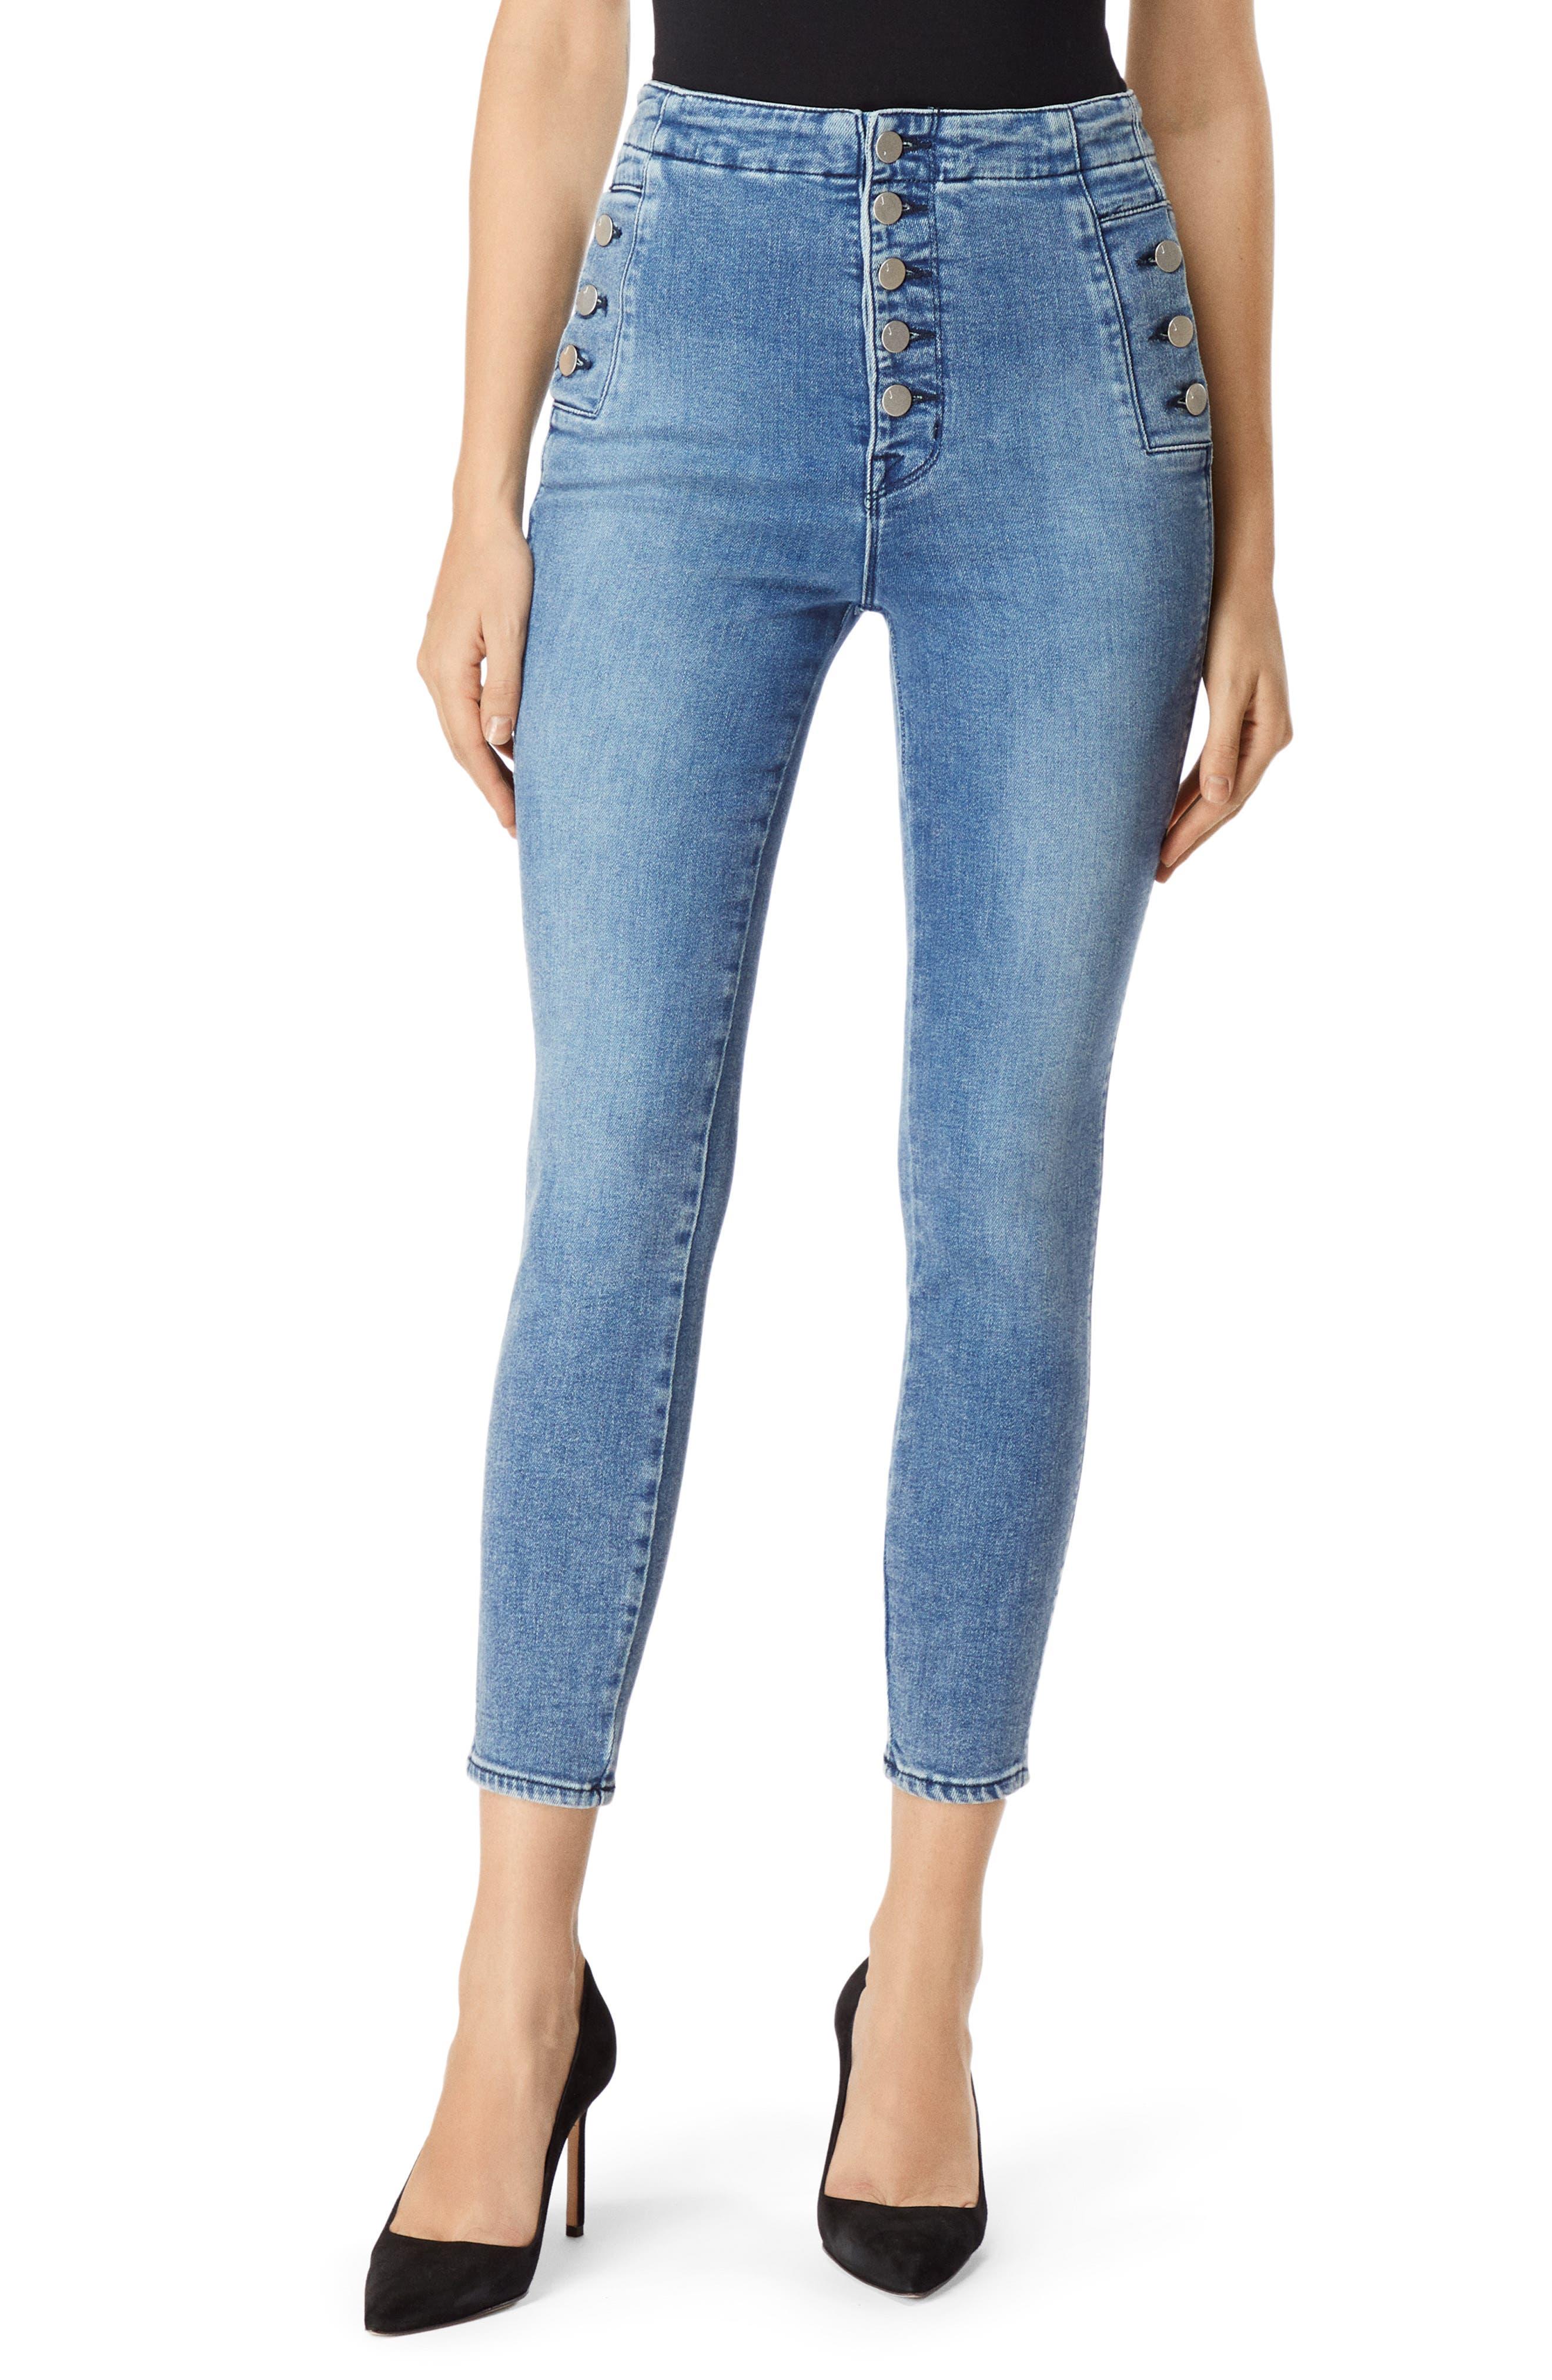 Natasha Sky High Crop Skinny Jeans In Meteor in Blue